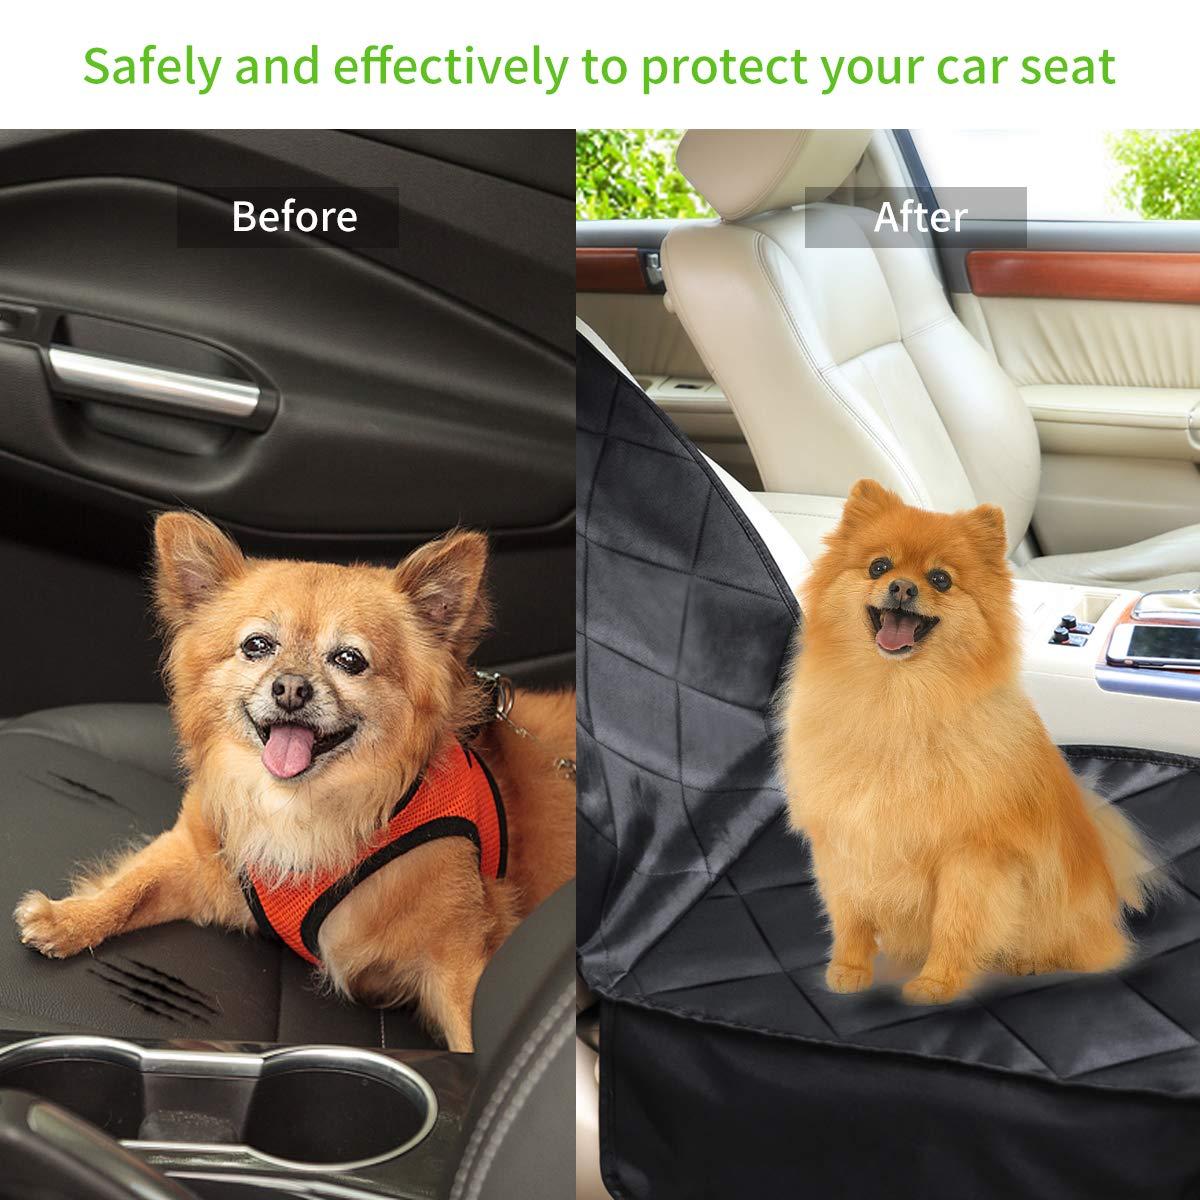 morpilot 2 in1 Hund Autositzbezug, Wasserdicht Hundedecke verstellbar Vorne Autositzabdeckung, Pet Reise Hängematte mit Nonslip Gummi Vordersitz Schutz für alle Arten von Fahrzeugen Autos